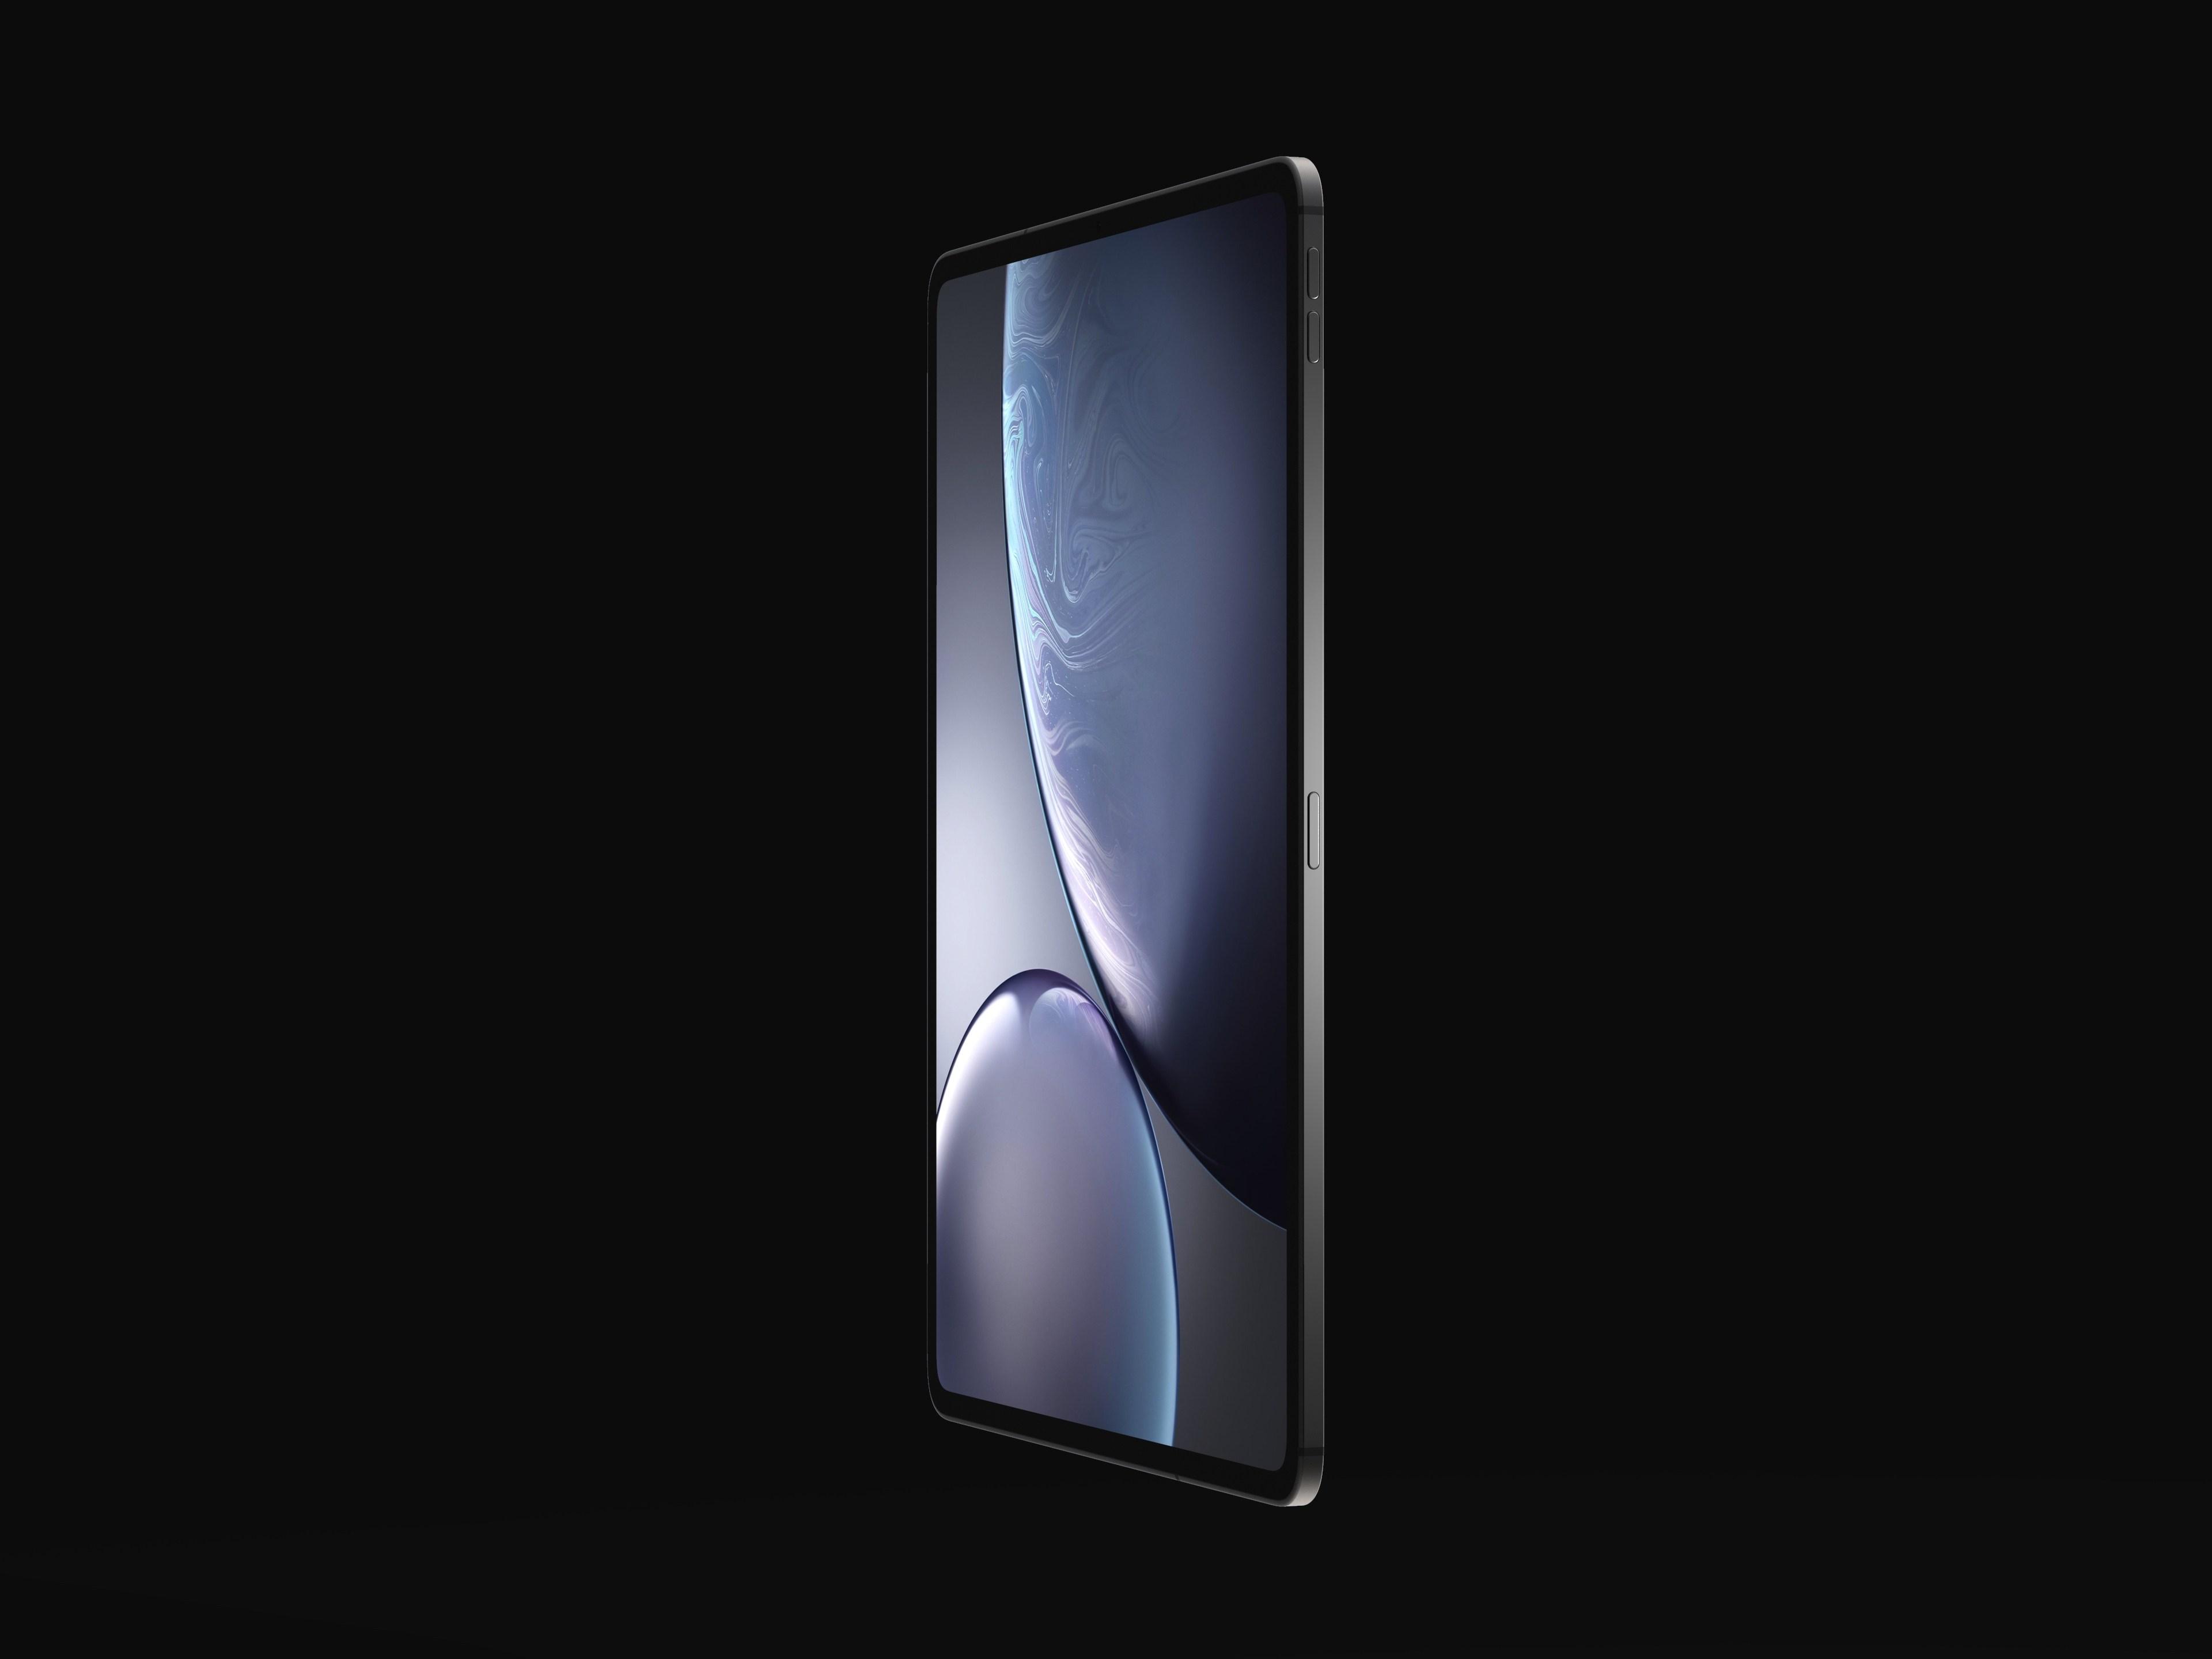 iPad Pro 2018 concept design 1